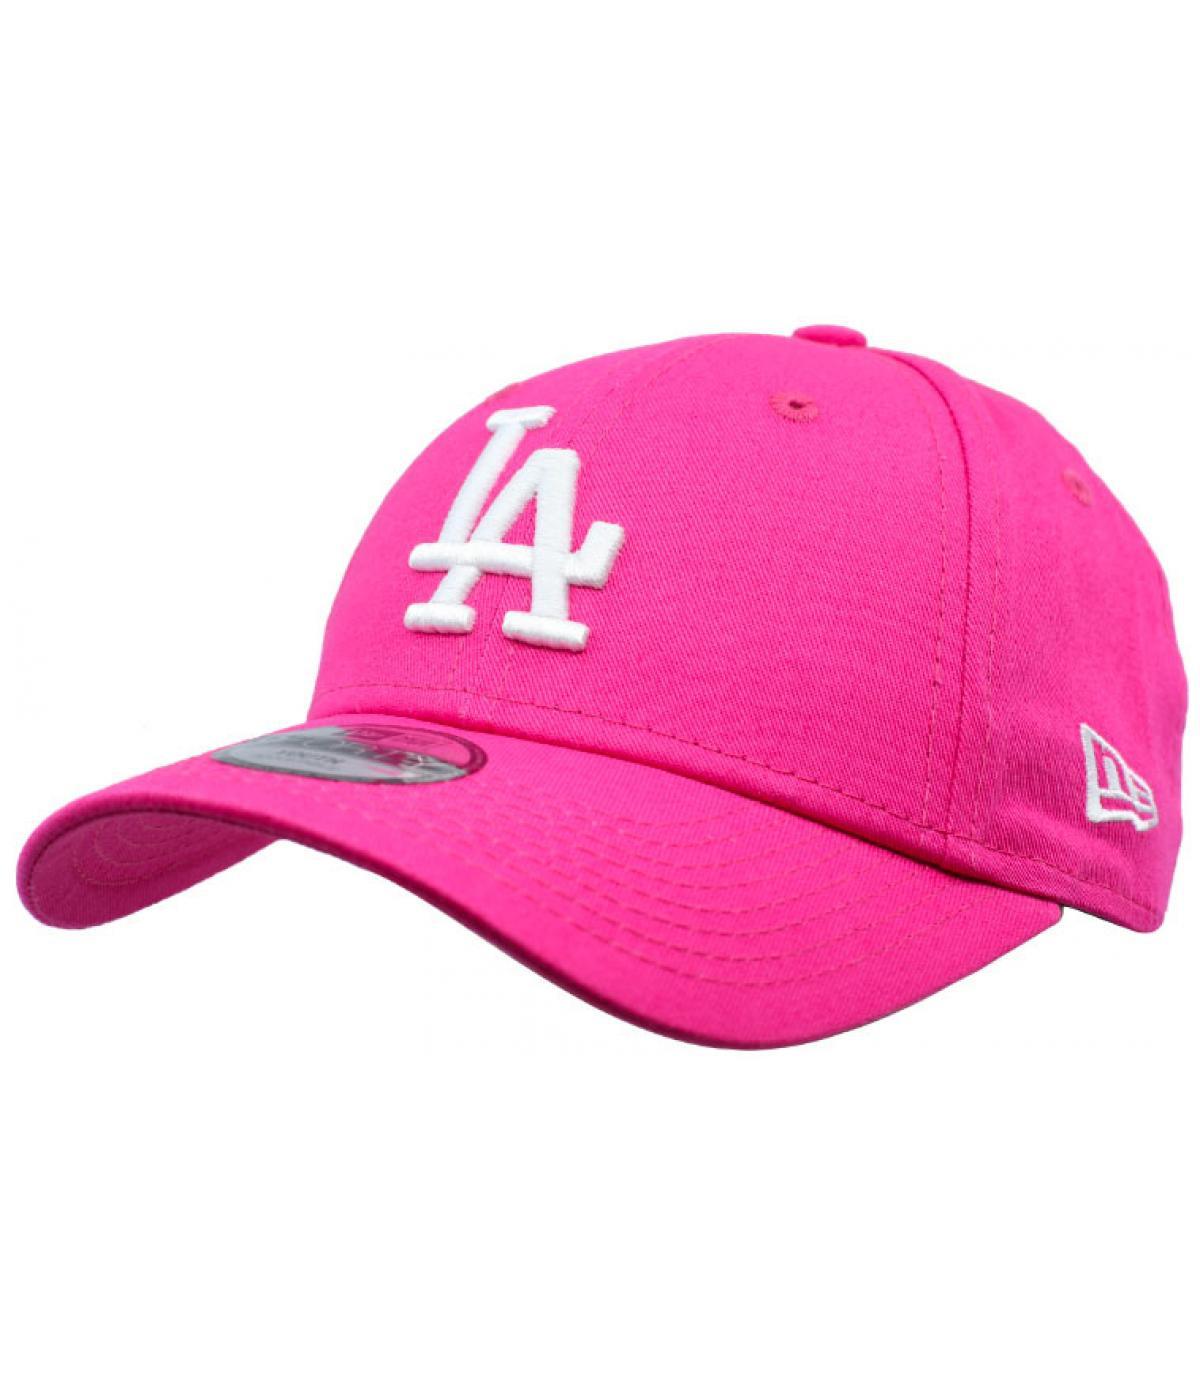 Details Cap  Wmns League Ess LA 9Forty beetroot purple - Abbildung 2